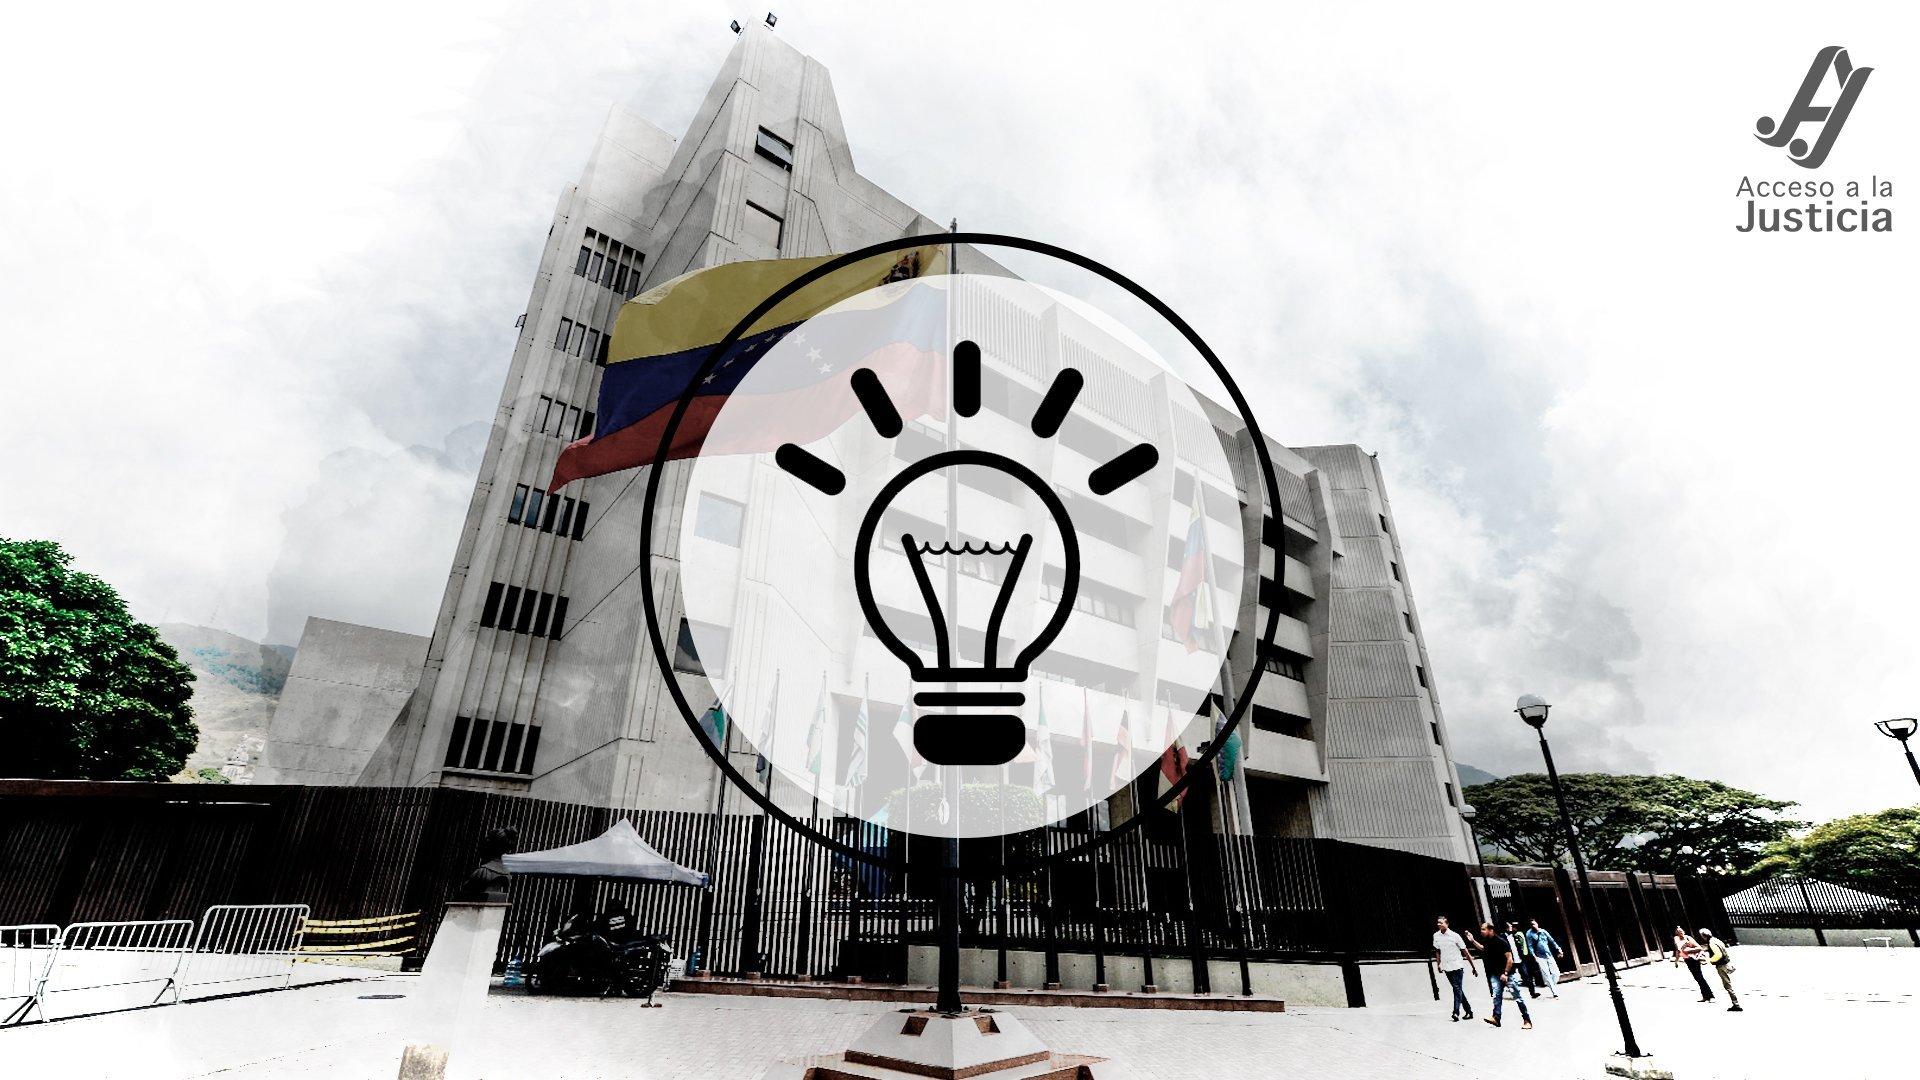 Aportes para la reinstitucionalización del Poder Judicial